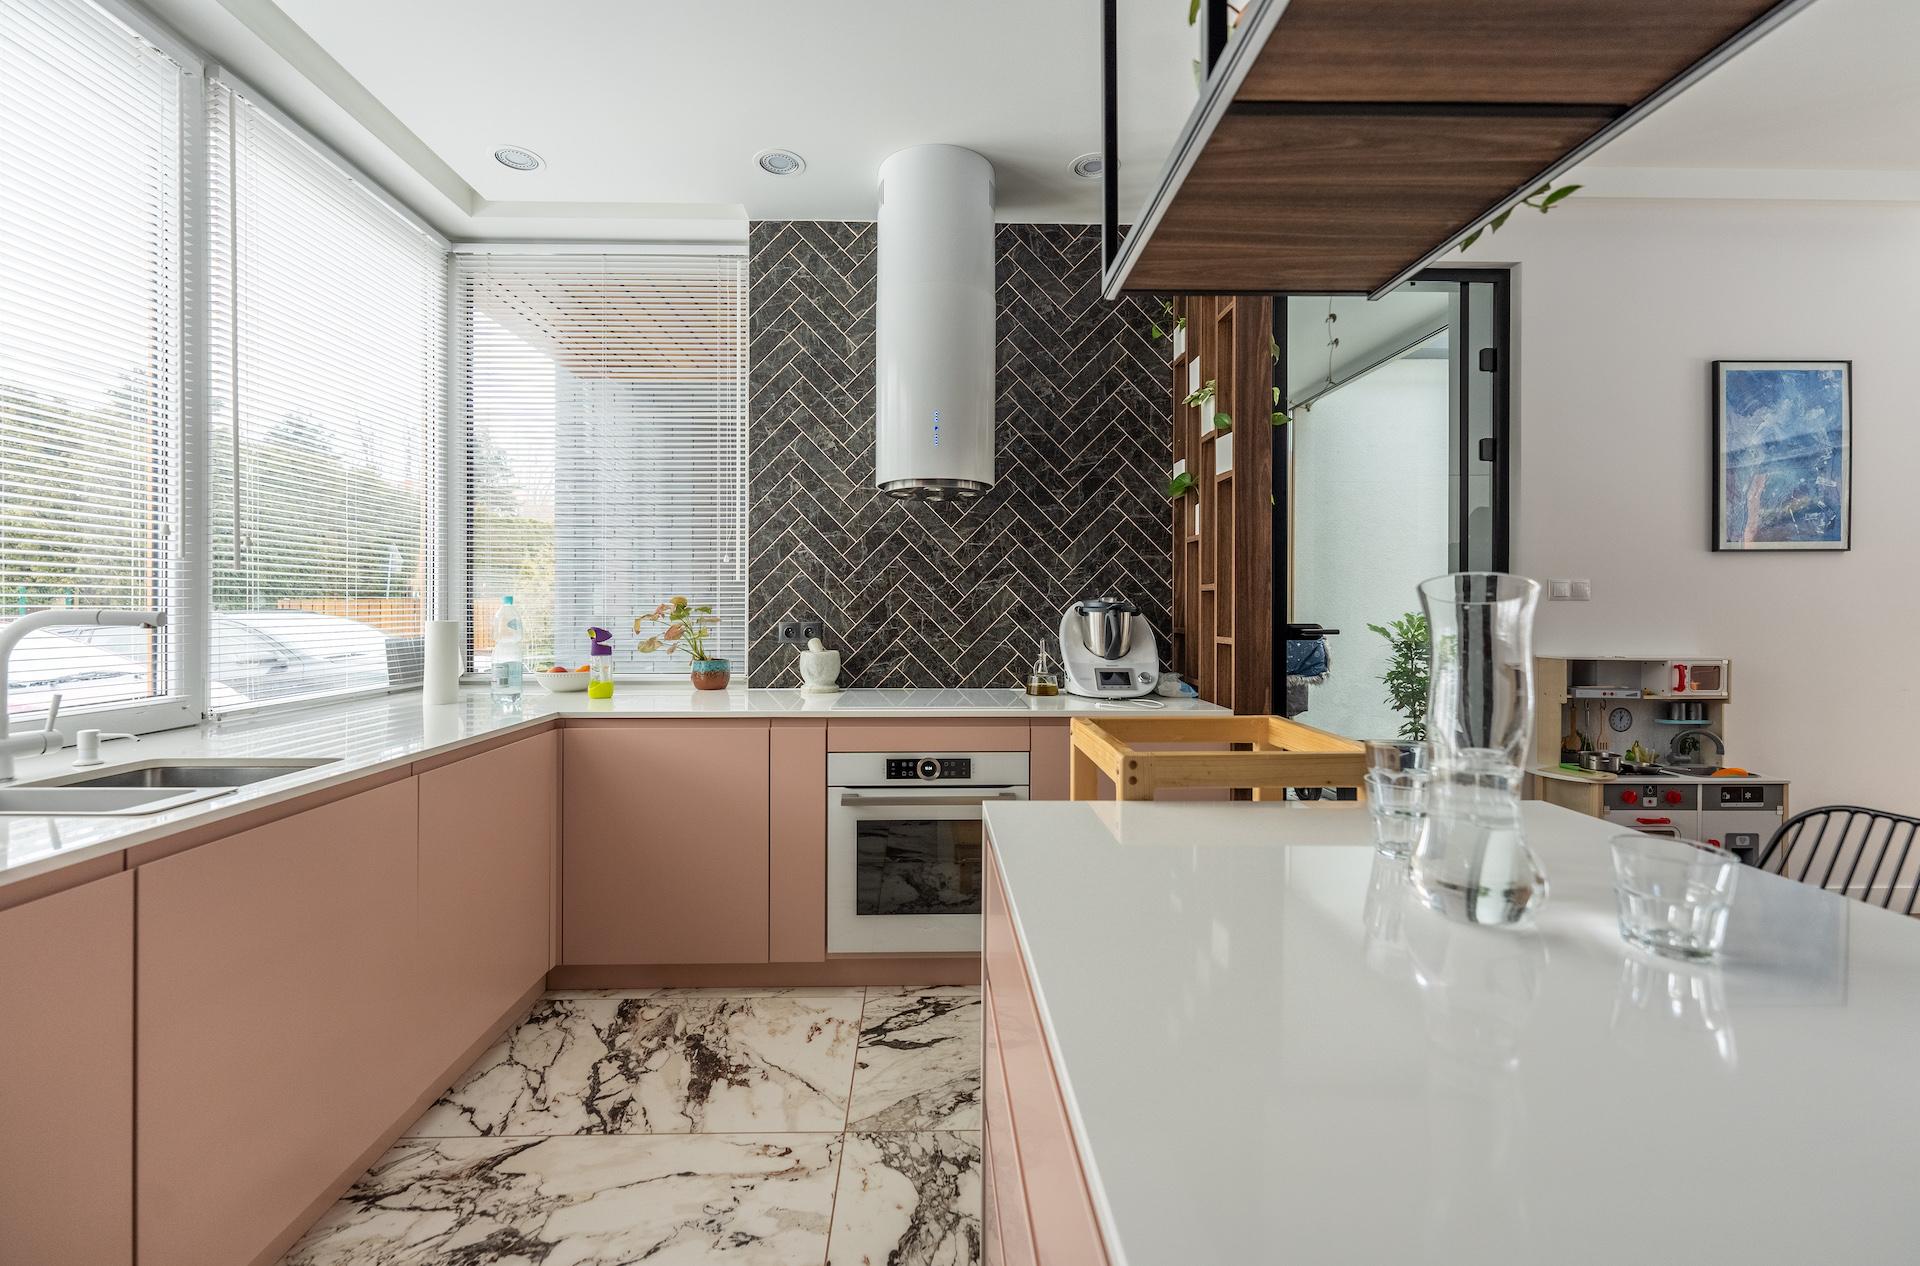 różowa kuchnia płytki w jodełkę